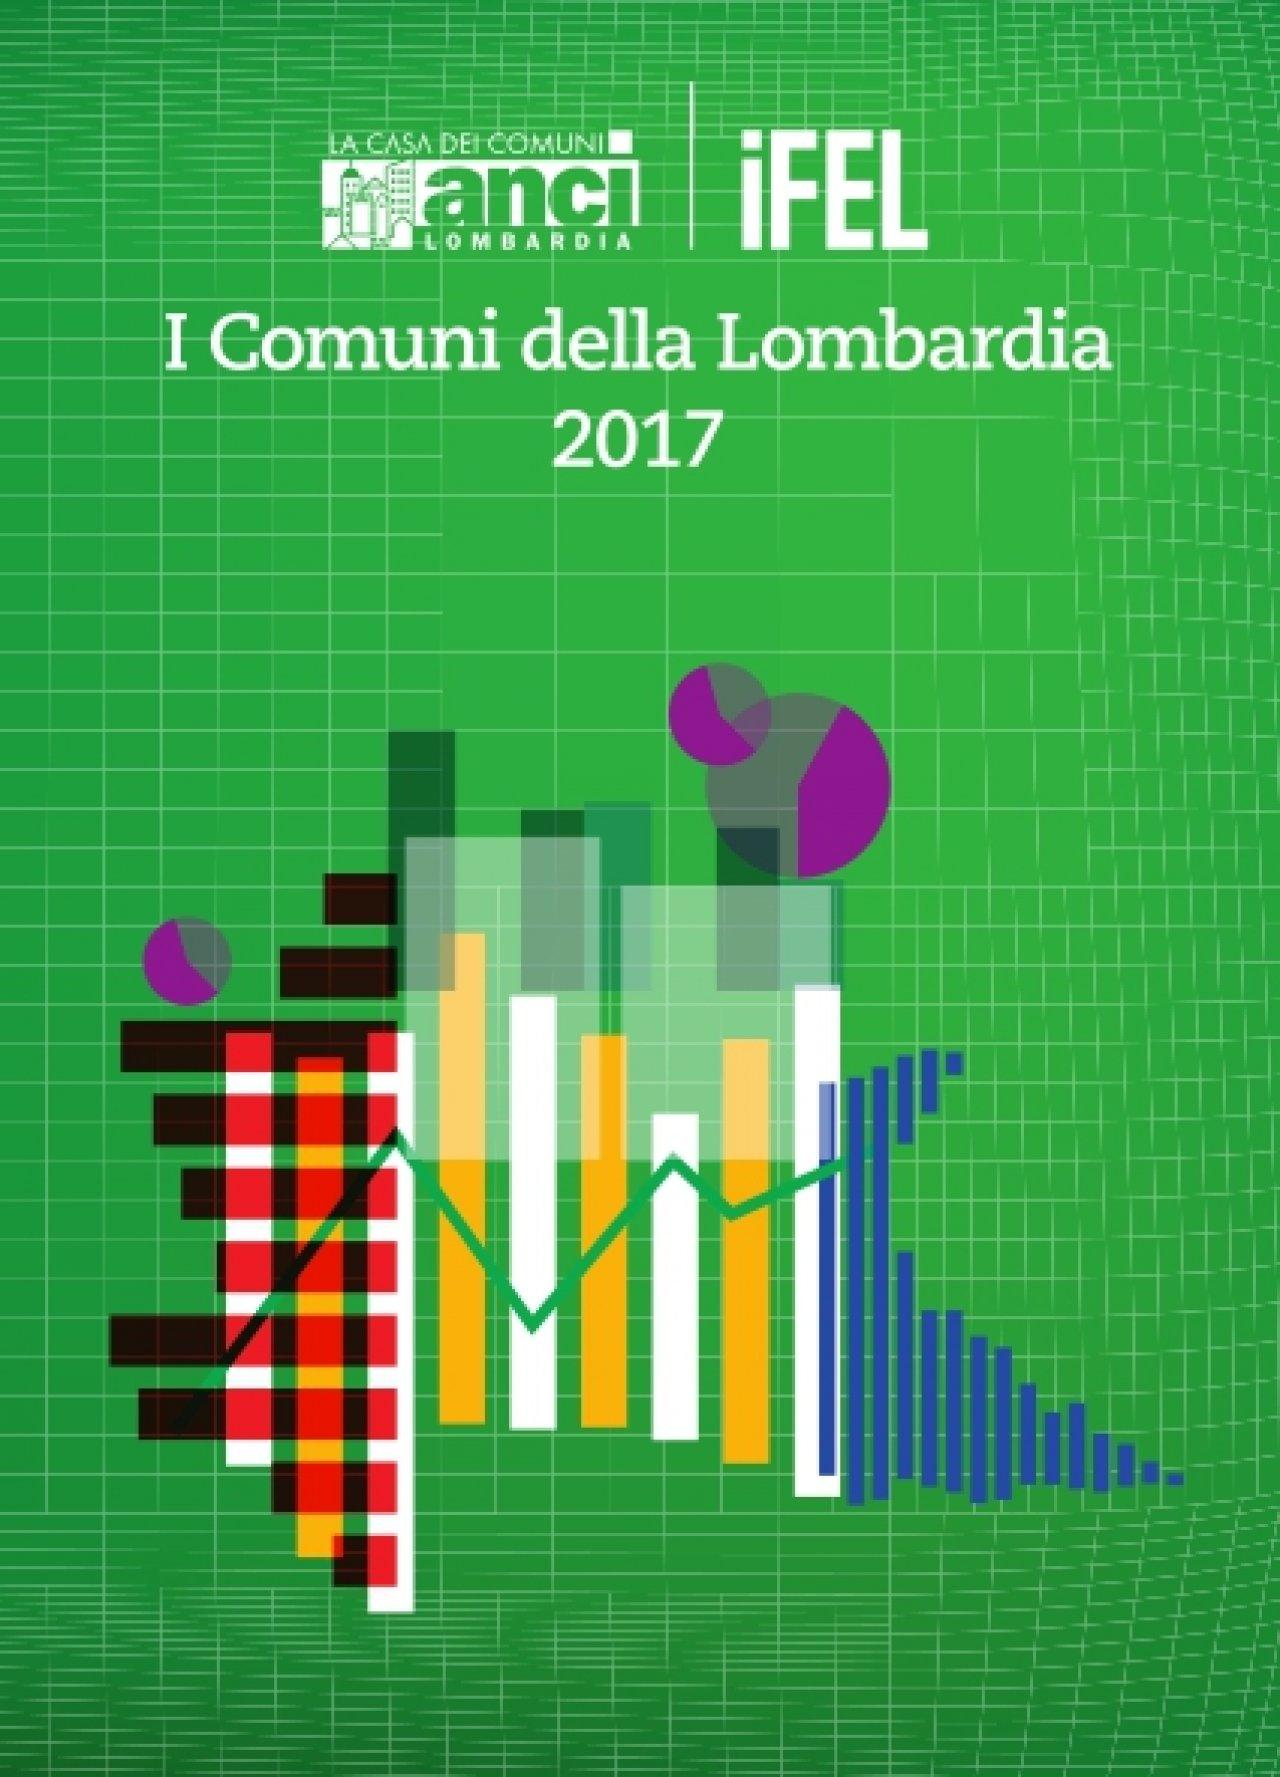 I Comuni della Lombardia 2017